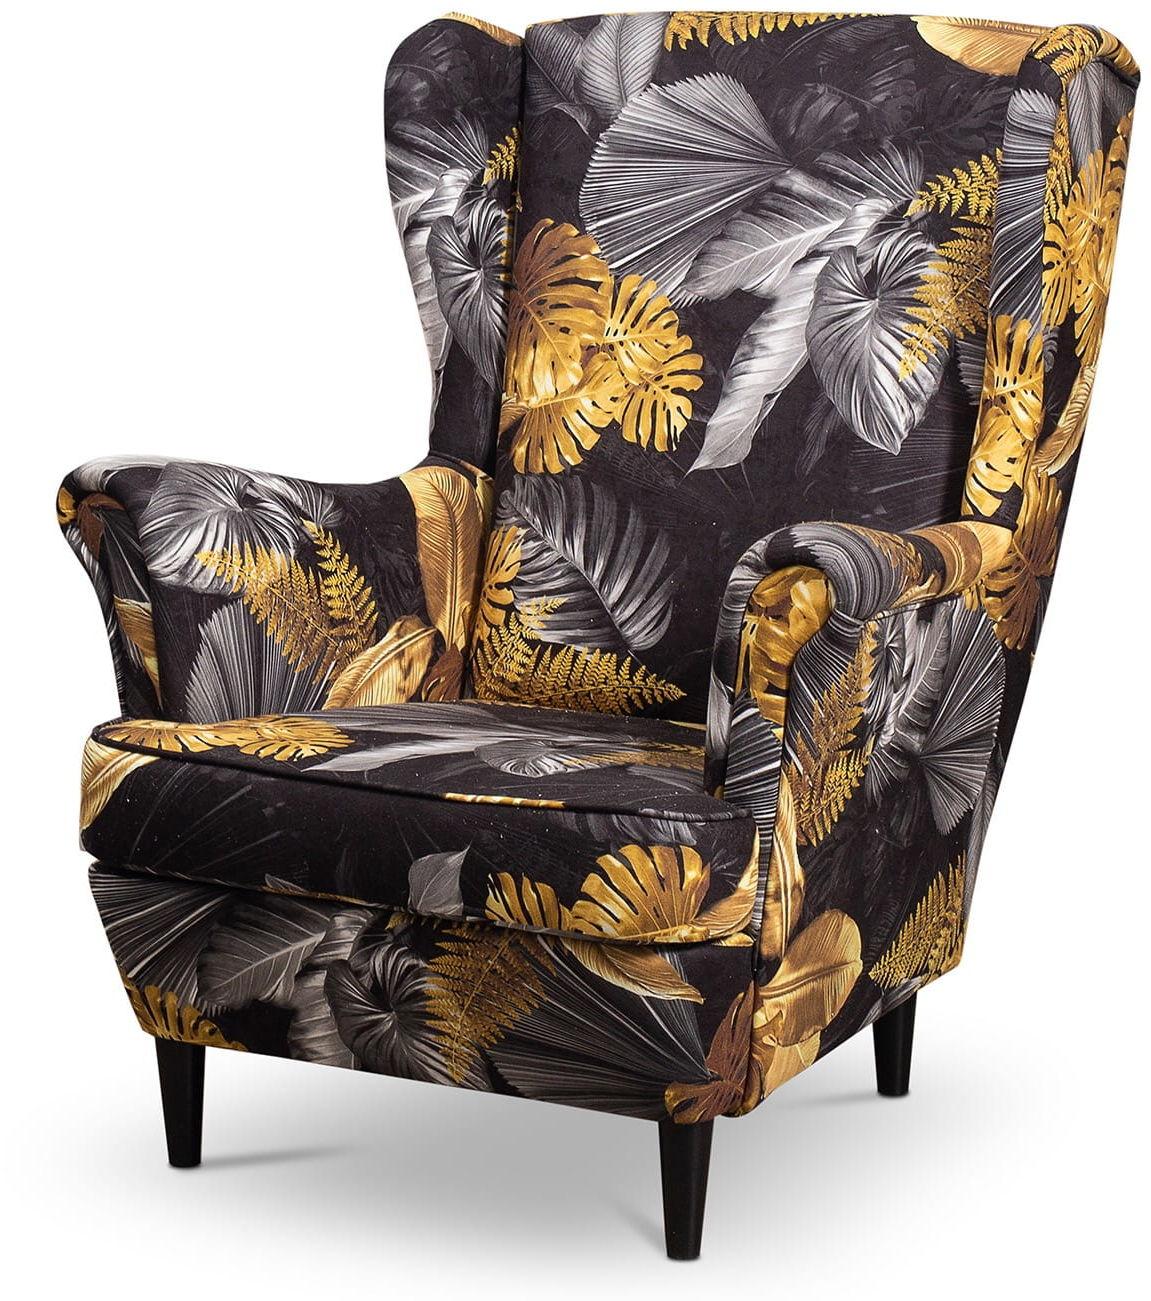 Fotel uszak Lily Kwiaty w stylu skandynawskim